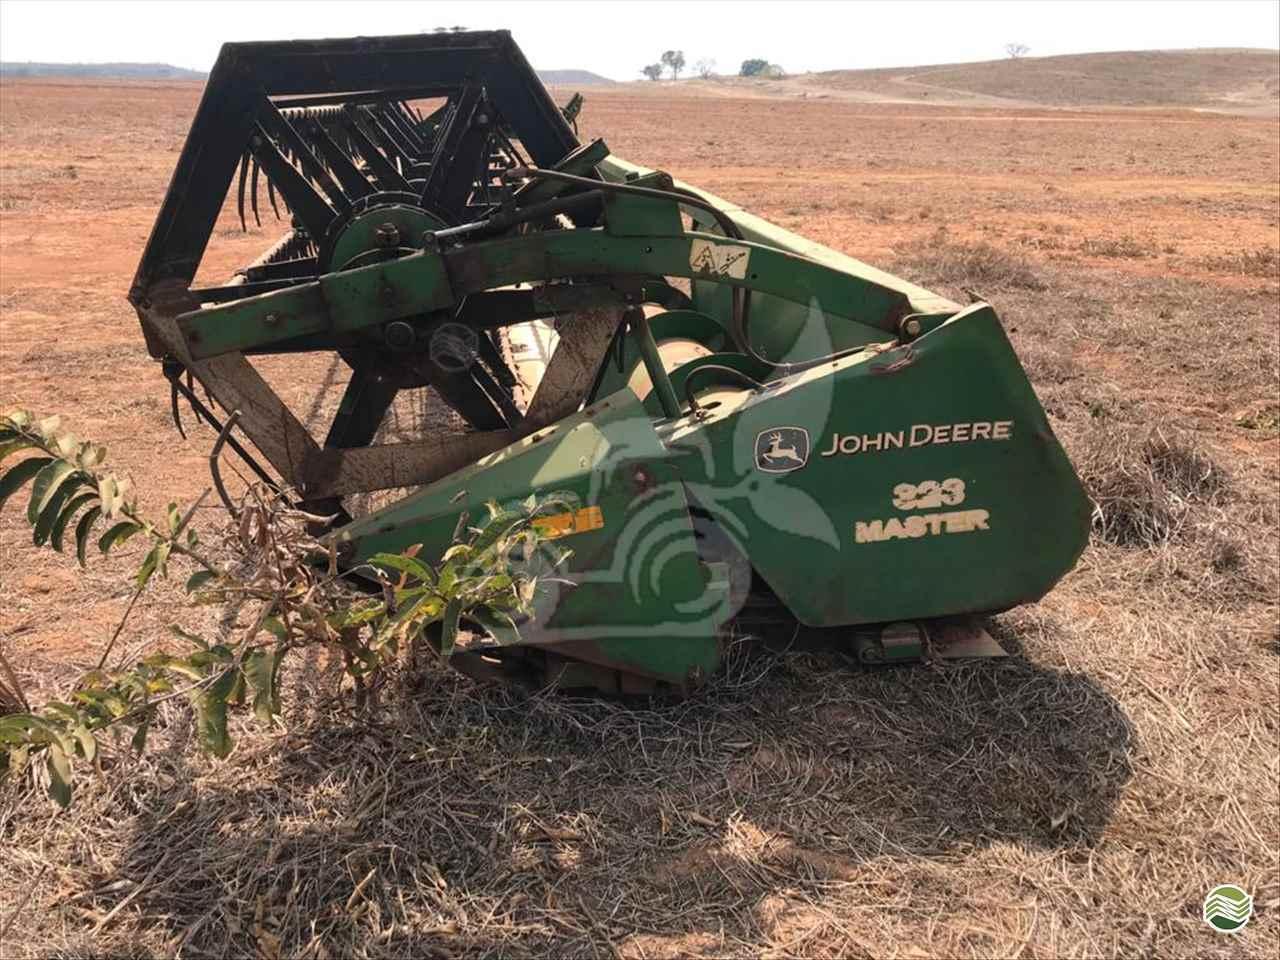 PLATAFORMA COLHEITADEIRA JOHN DEERE JOHN DEERE 323 EP Máquinas e Implementos Agrícolas CRISTALINA GOIAS GO